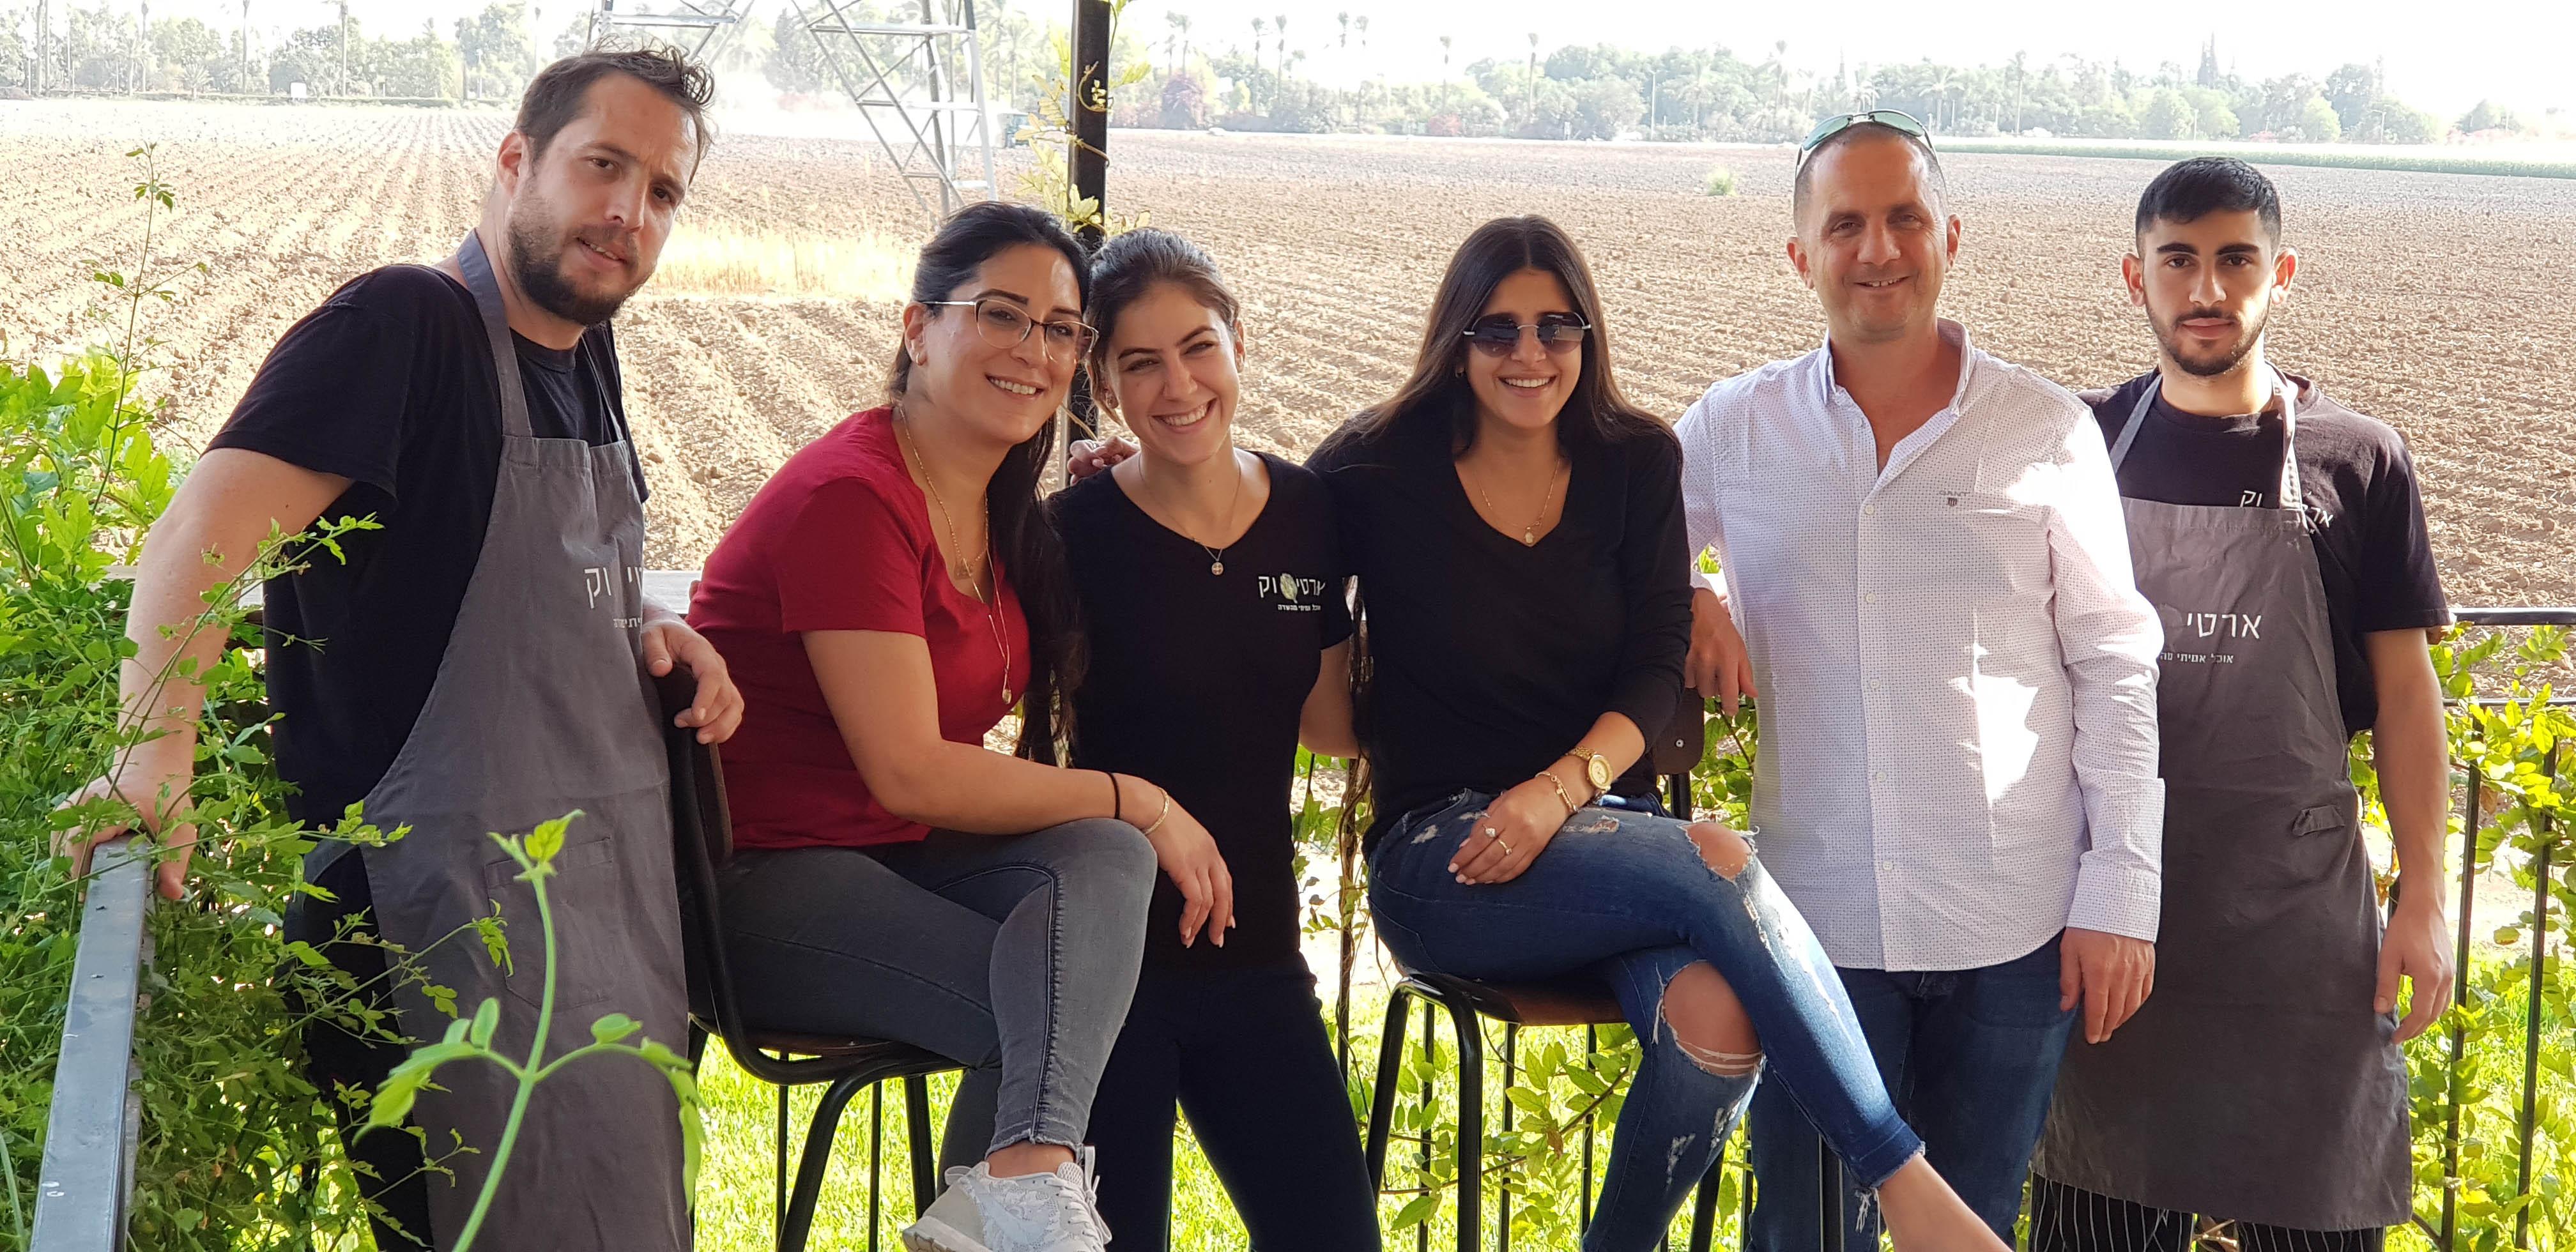 הצוות של מסעדת ארטישוק